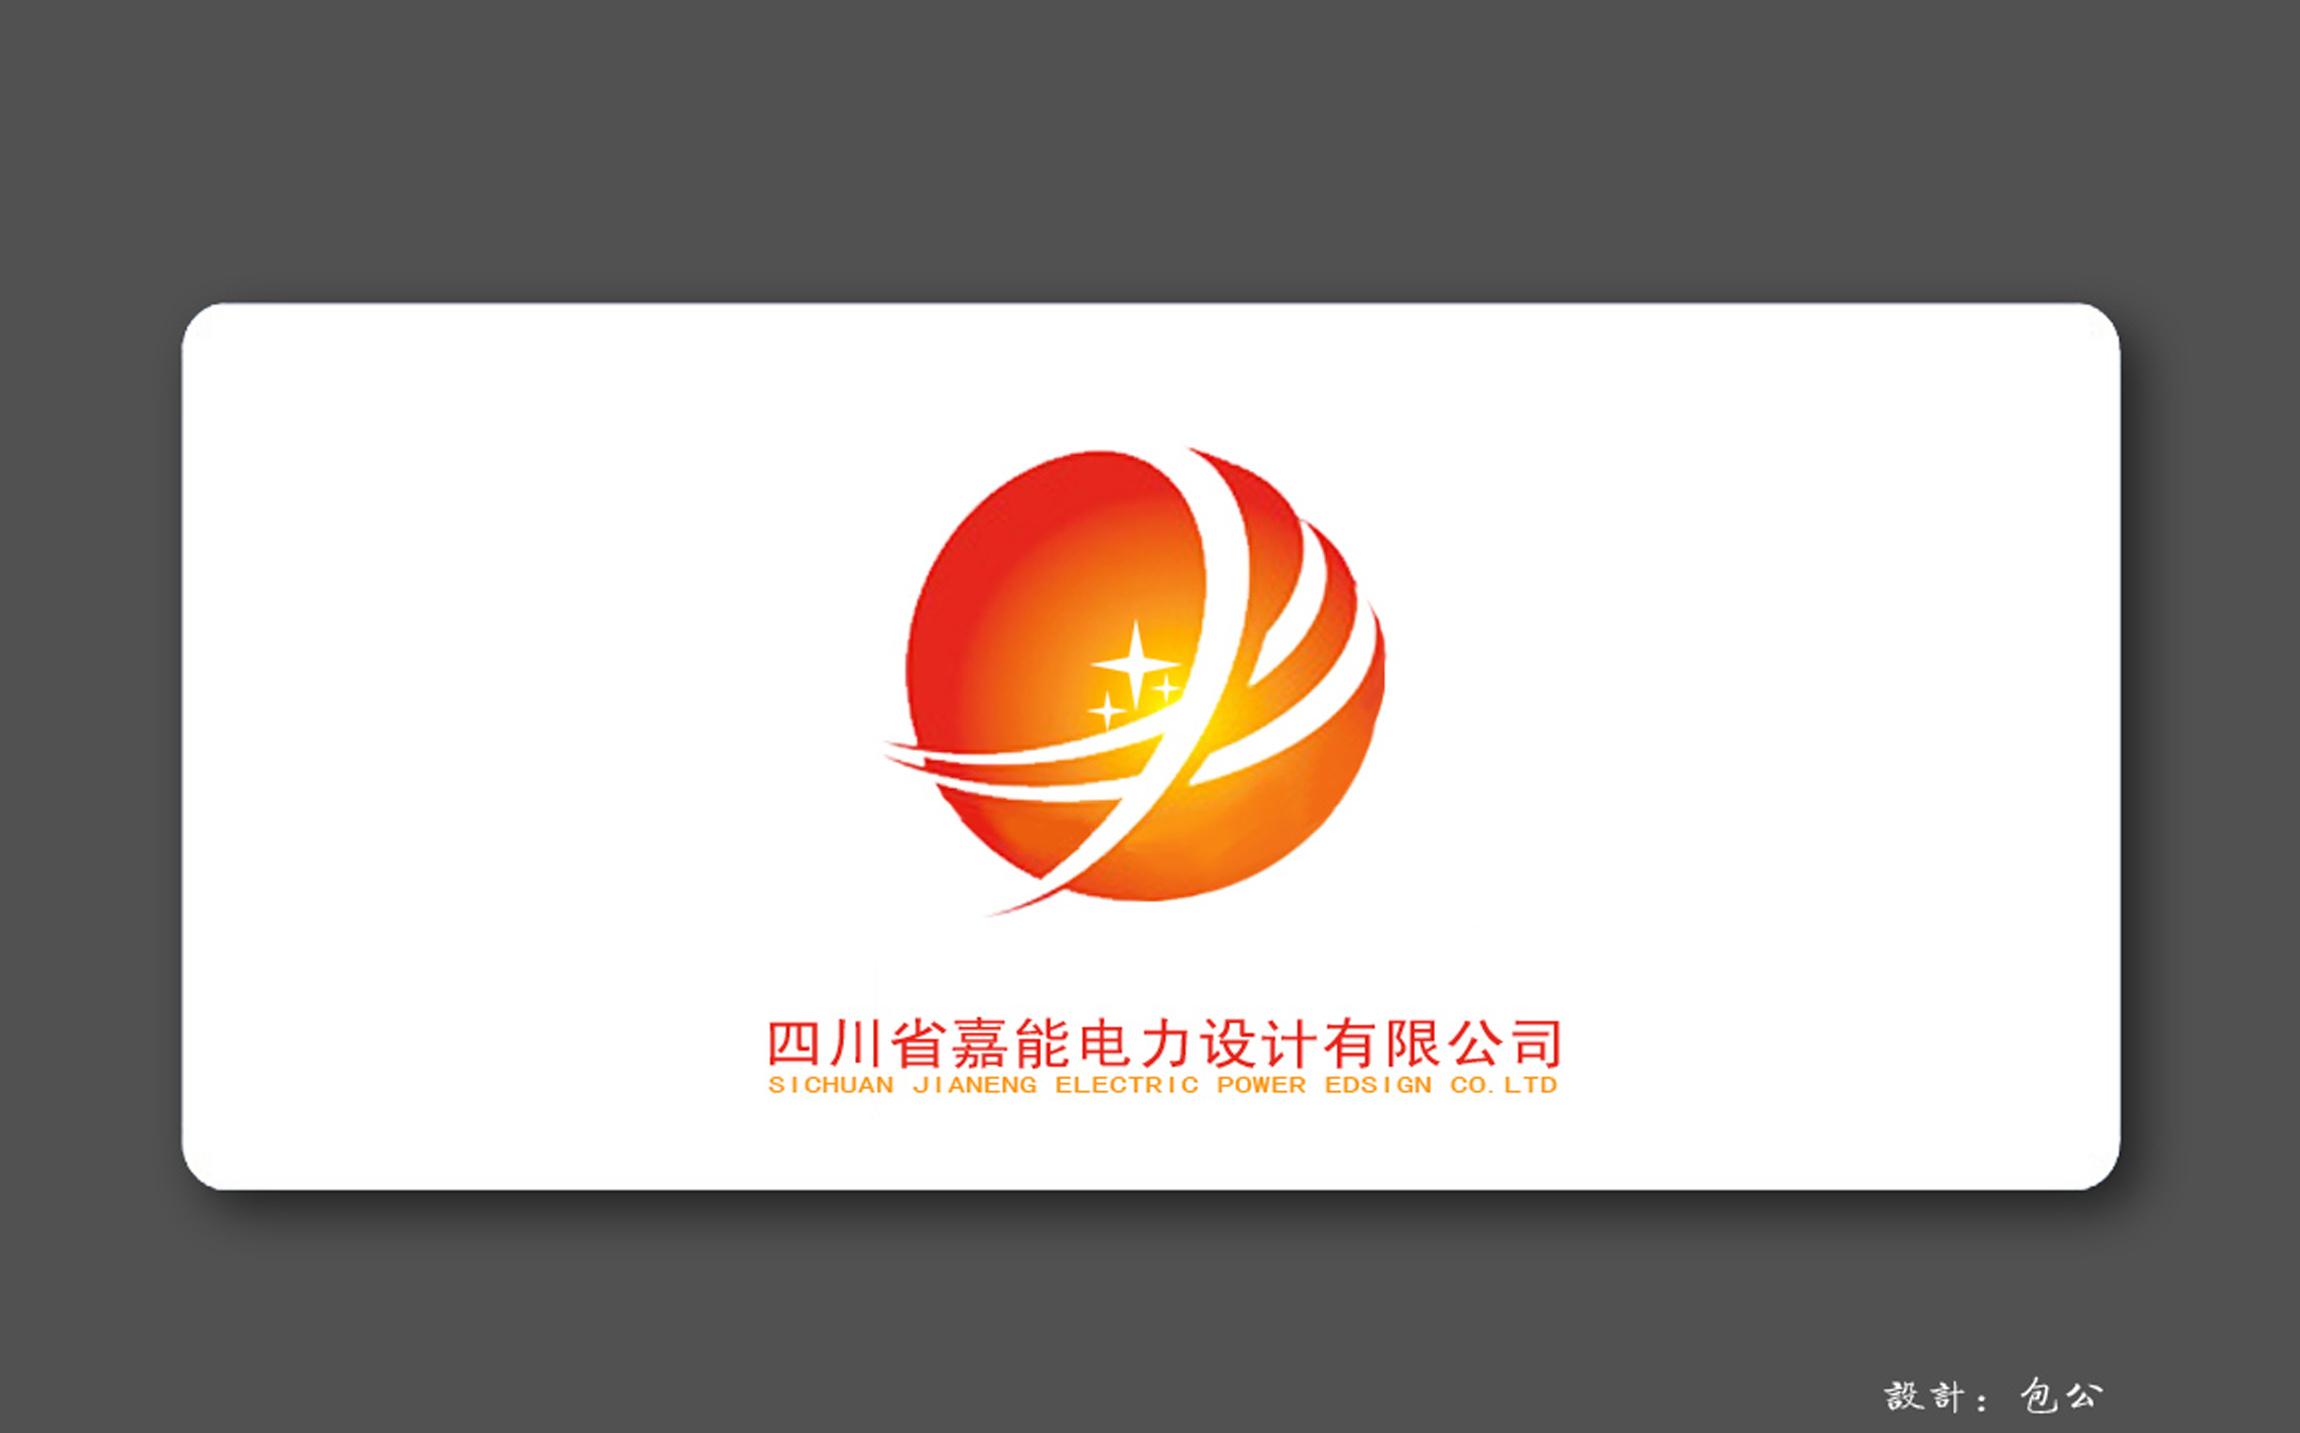 四川嘉能电力设计有限公司最新招聘信息